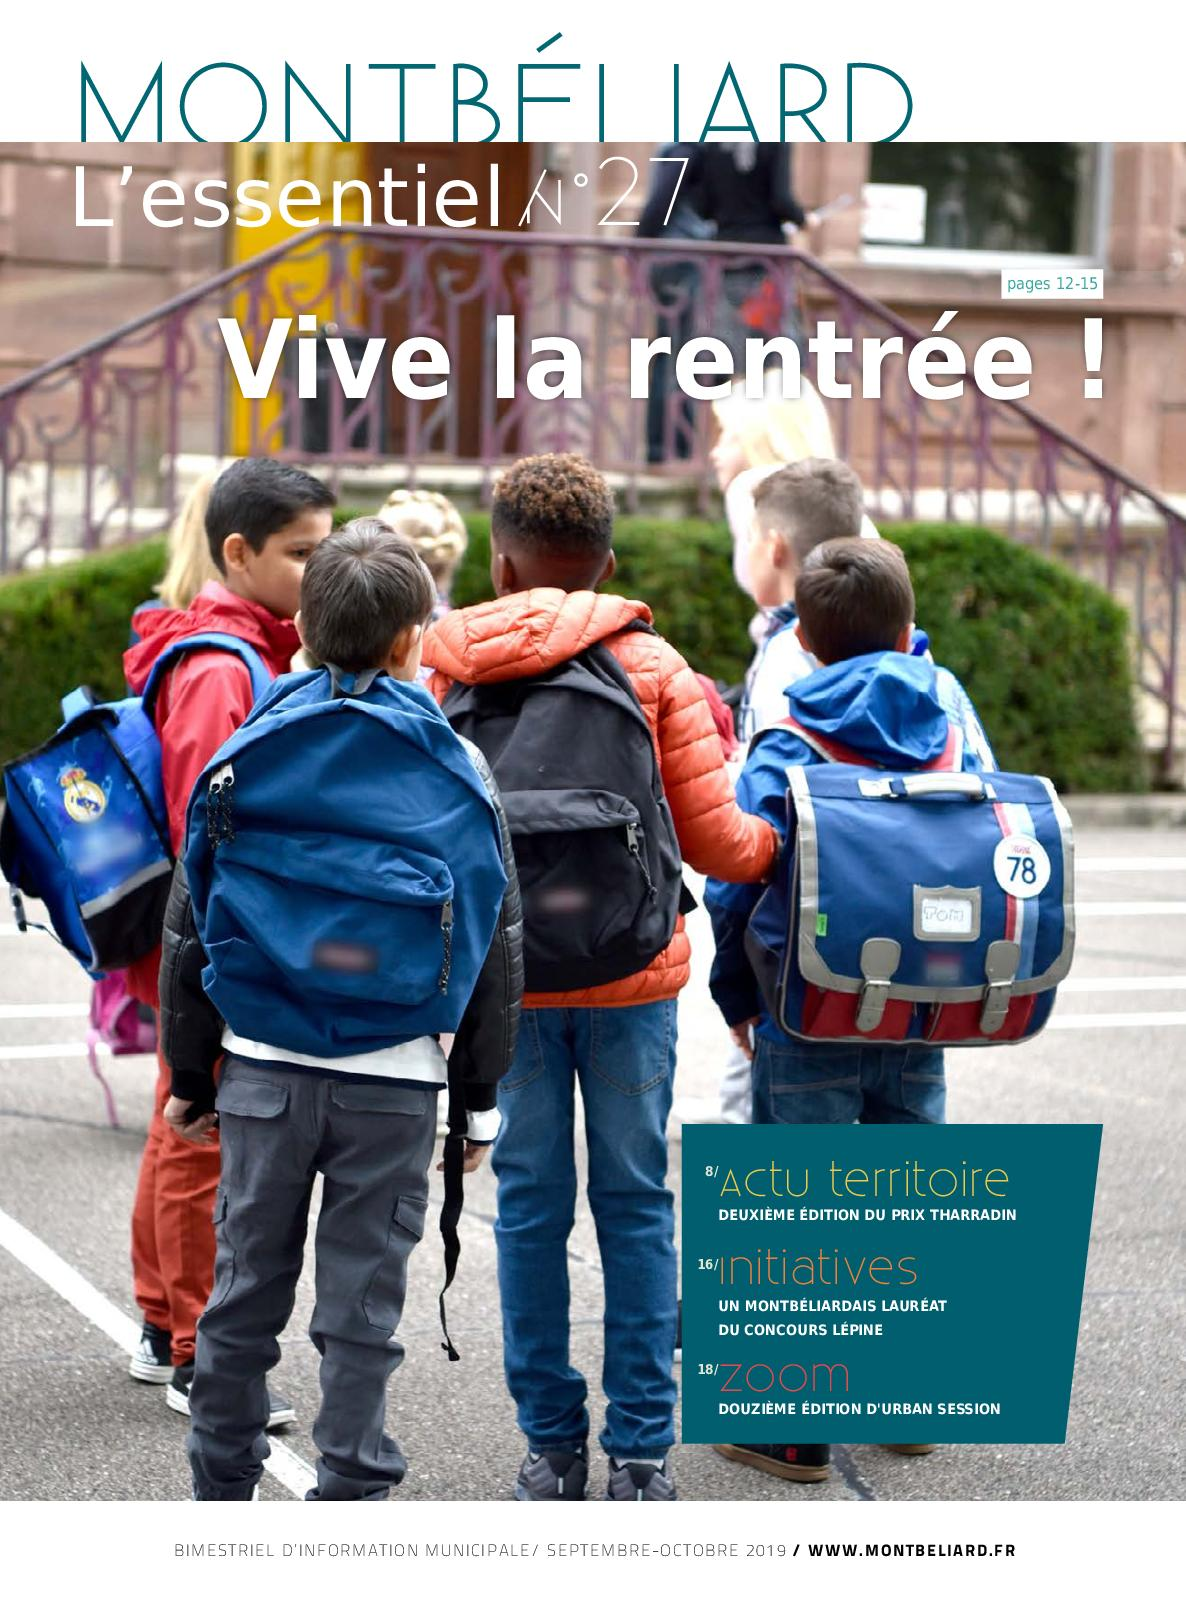 Cours De Dessin Montbéliard calaméo - montbéliard l'essentiel n°27 - septembre octobre 2019